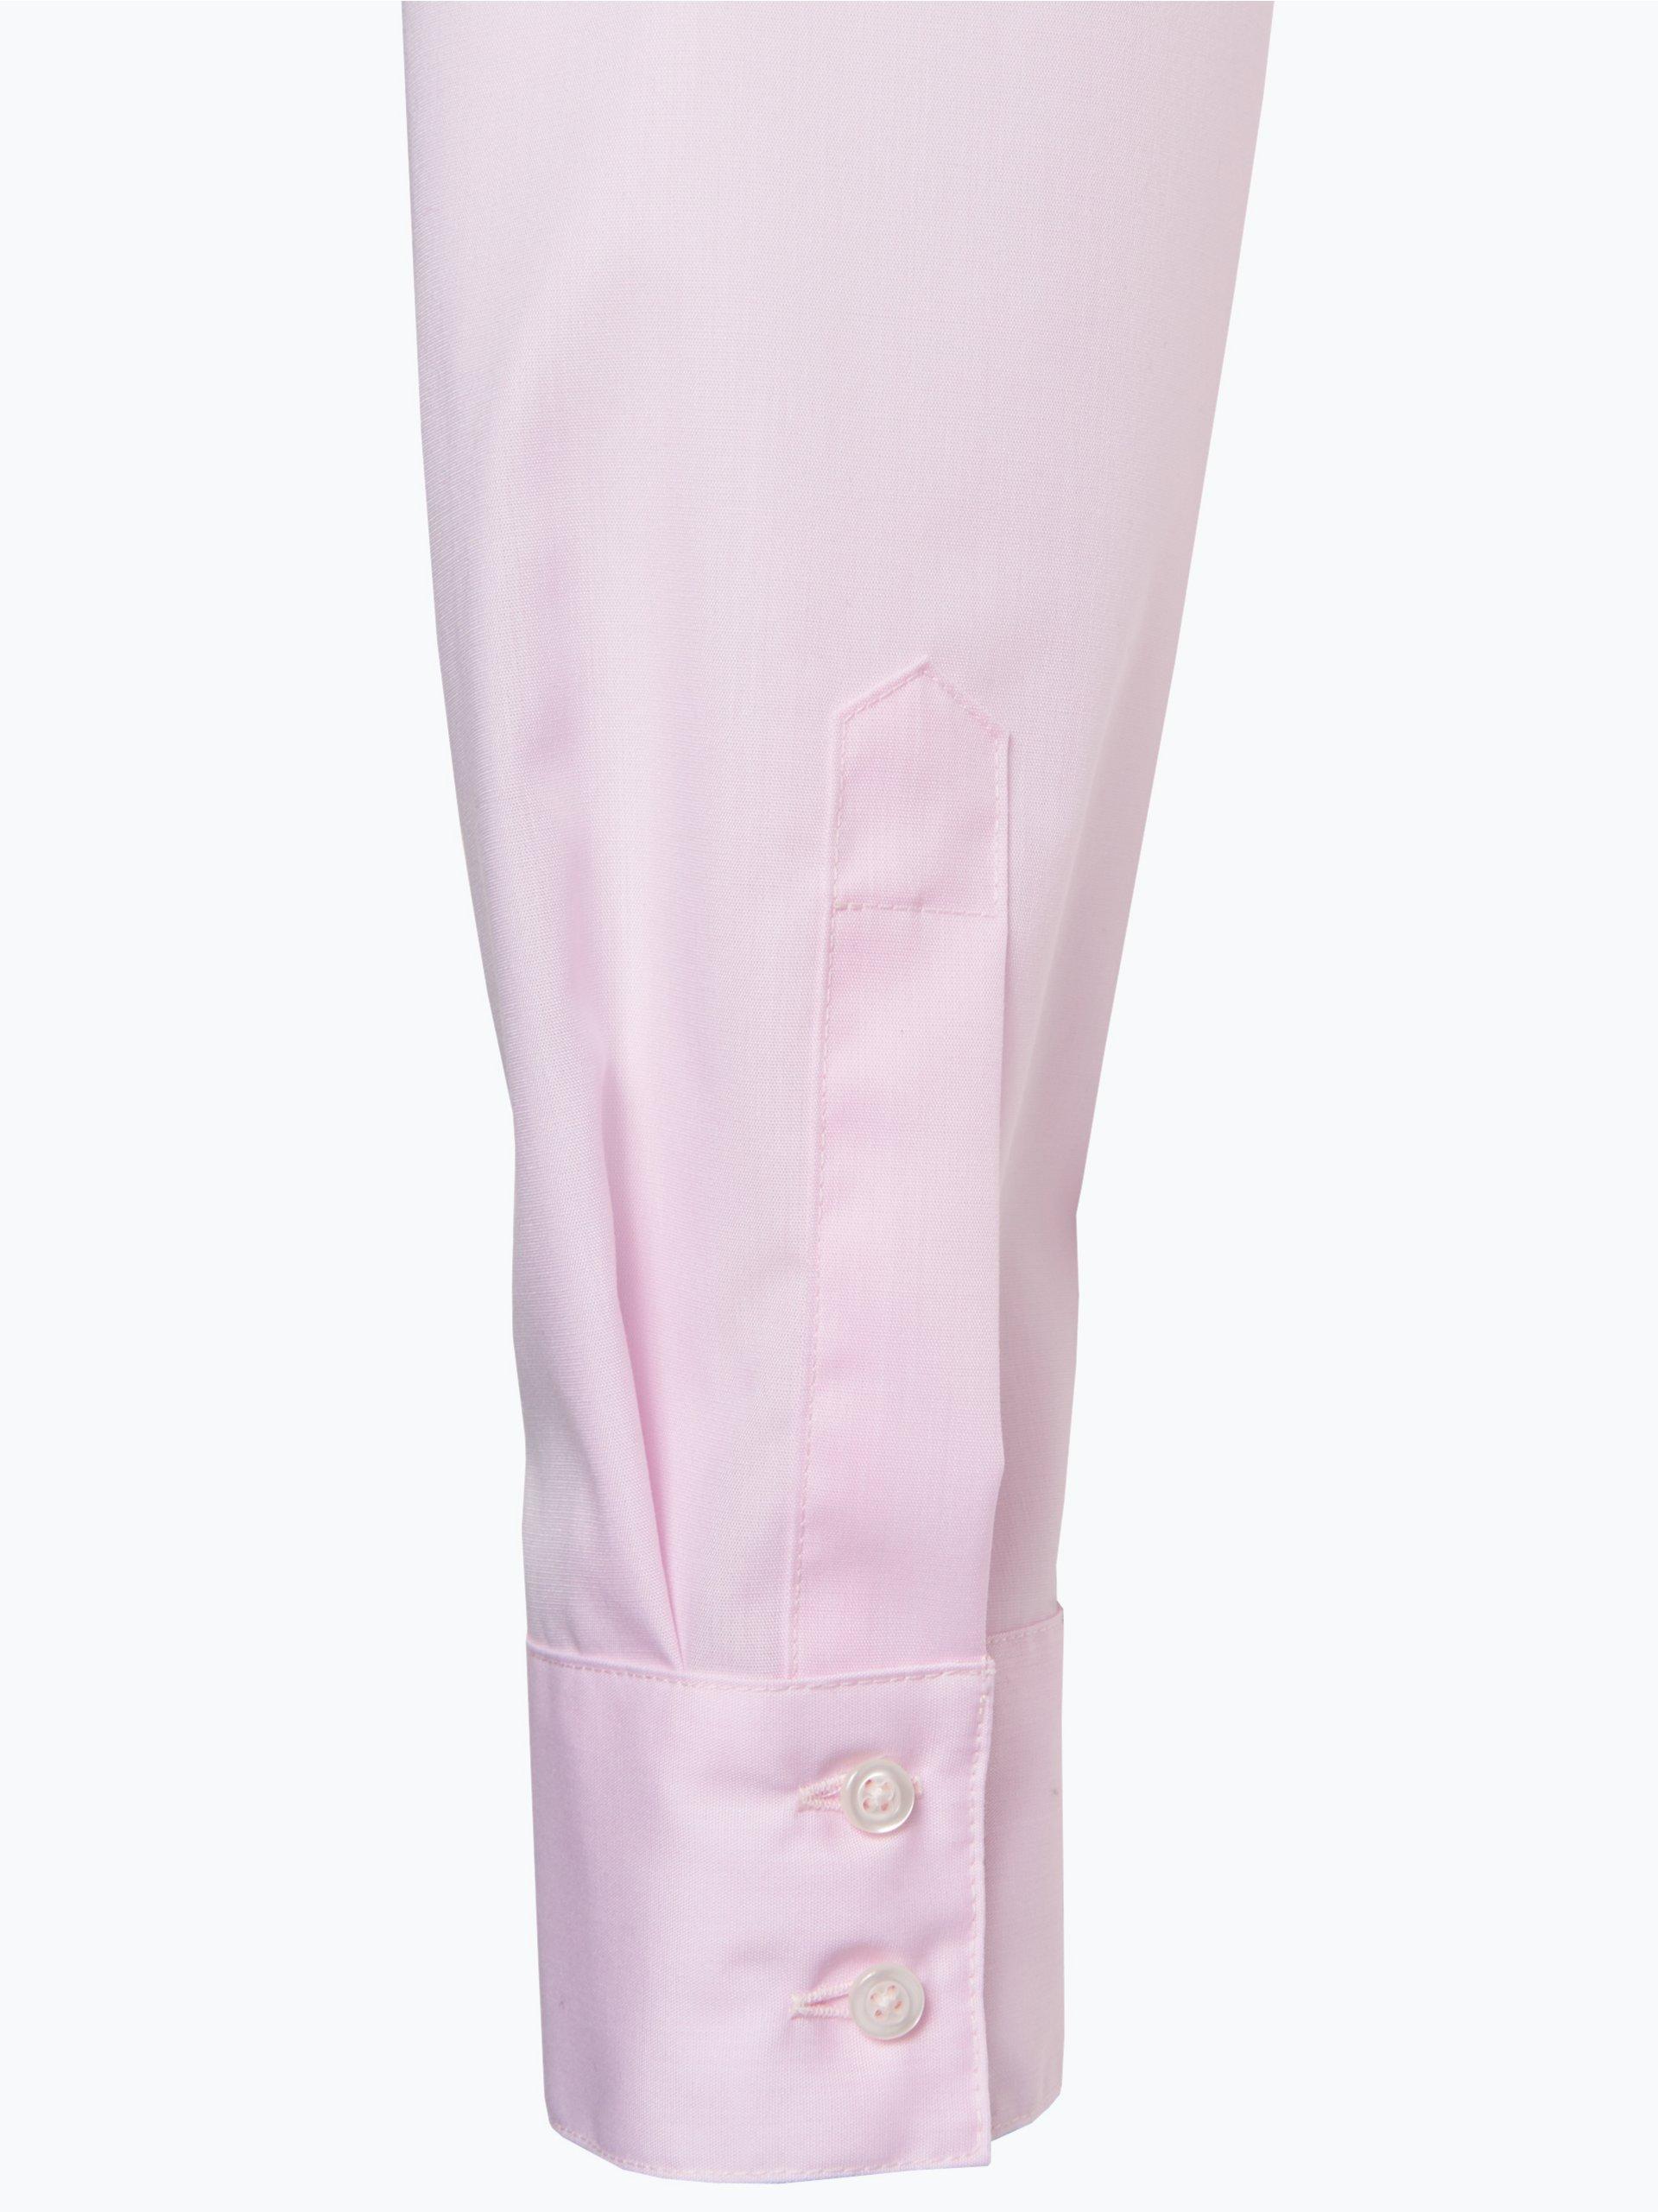 seidensticker schwarze rose damen bluse rosa uni online kaufen vangraaf com. Black Bedroom Furniture Sets. Home Design Ideas